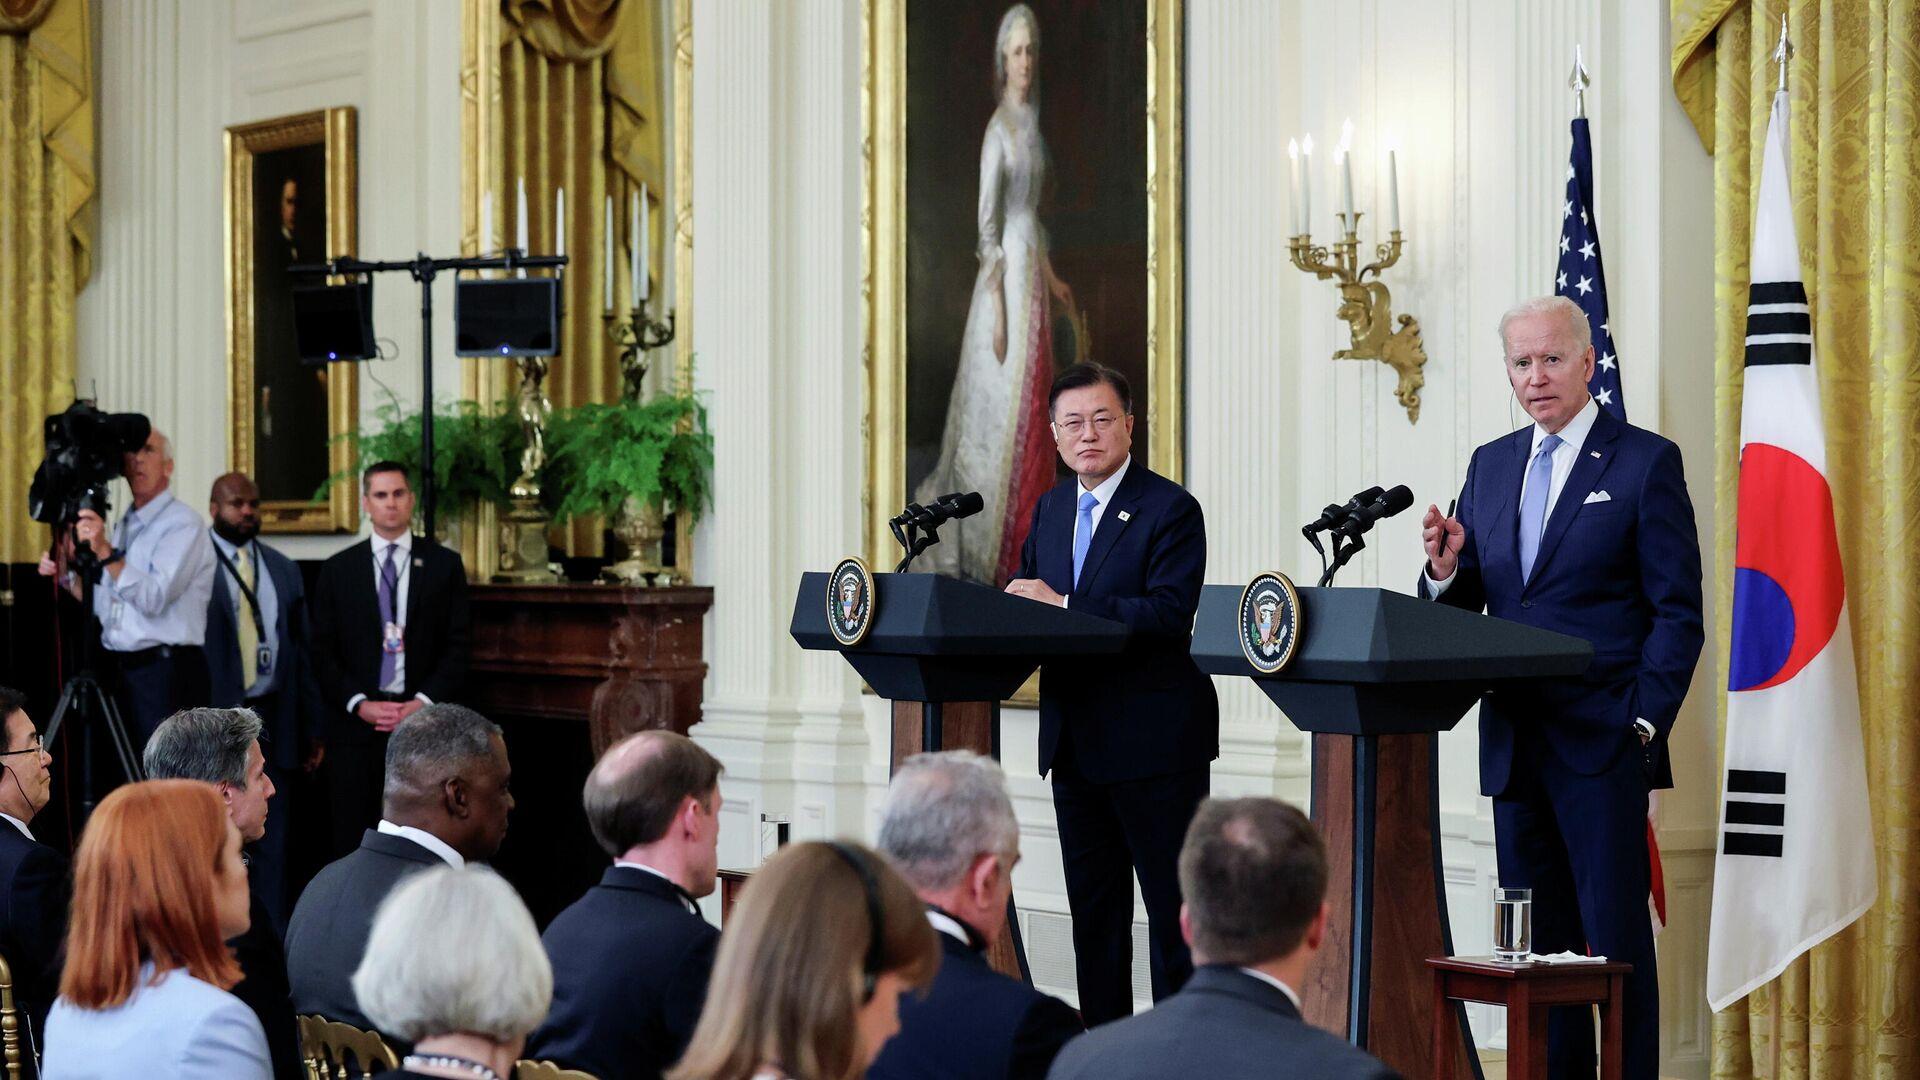 La cumbre de los presidentes de Corea del Sur y Estados Unidos, Moon Jae-in y Joe Biden - Sputnik Mundo, 1920, 31.05.2021